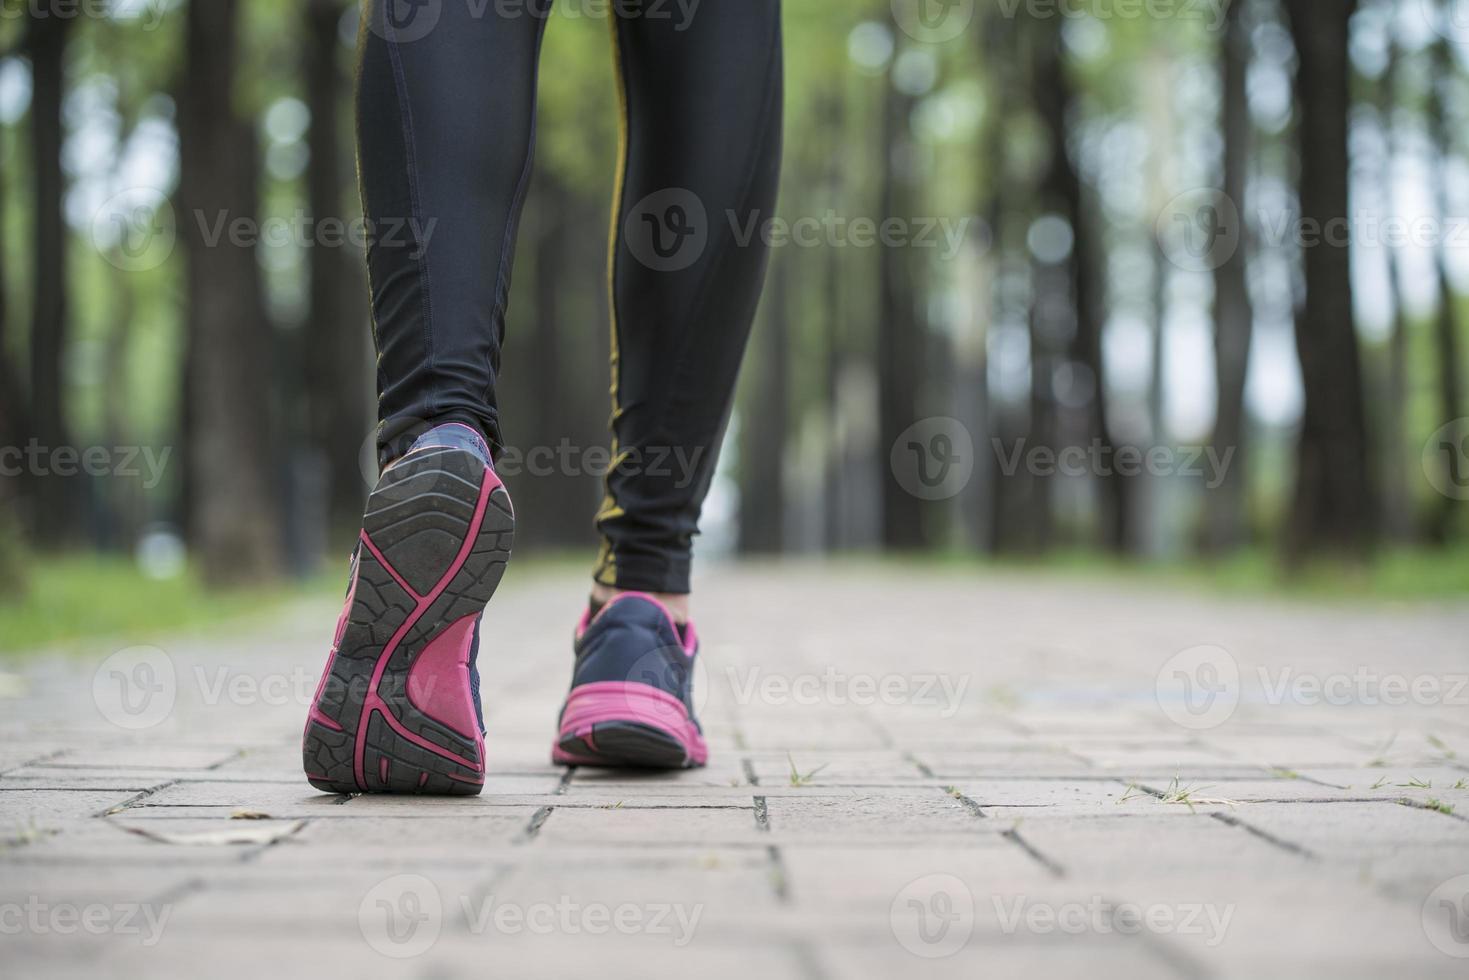 corredor atleta pernas, treino exercício corredor ao ar livre corredor foto